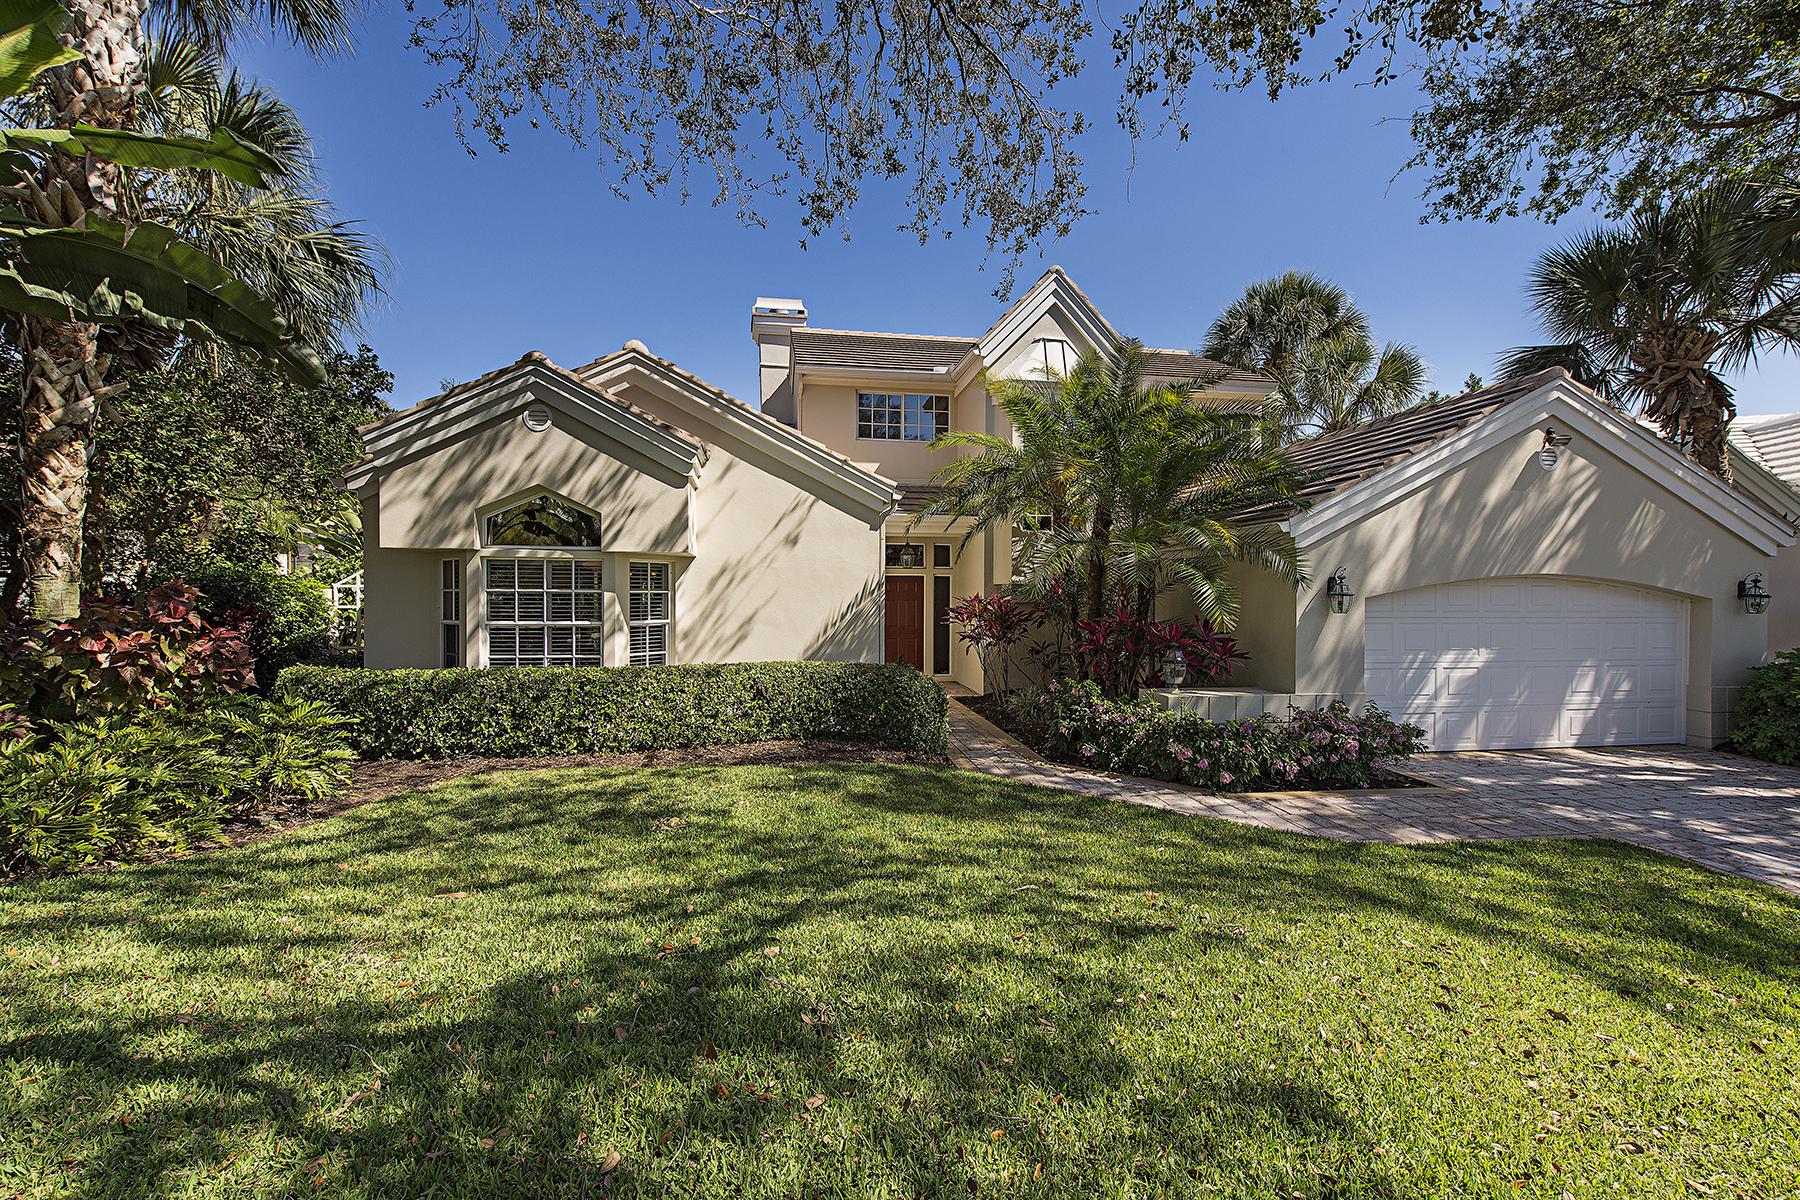 Maison unifamiliale pour l Vente à NAPLES 5889 Jameson Dr Naples, Florida, 34119 États-Unis